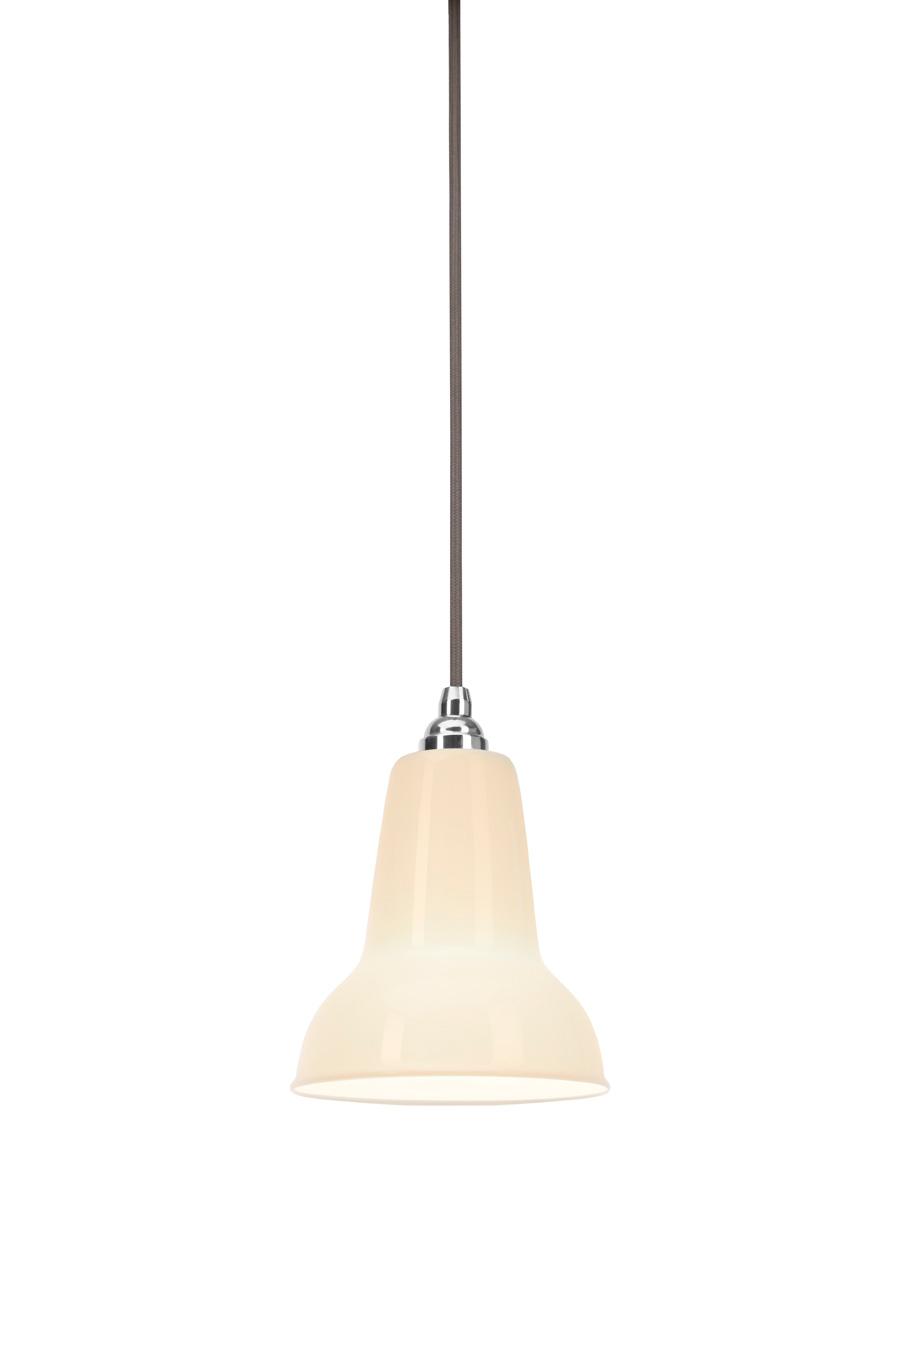 ^Anglepoise Original 1227 Mini: Pendelleuchte mit Lampenschirm aus Bone China (Foto: Anglepoise)